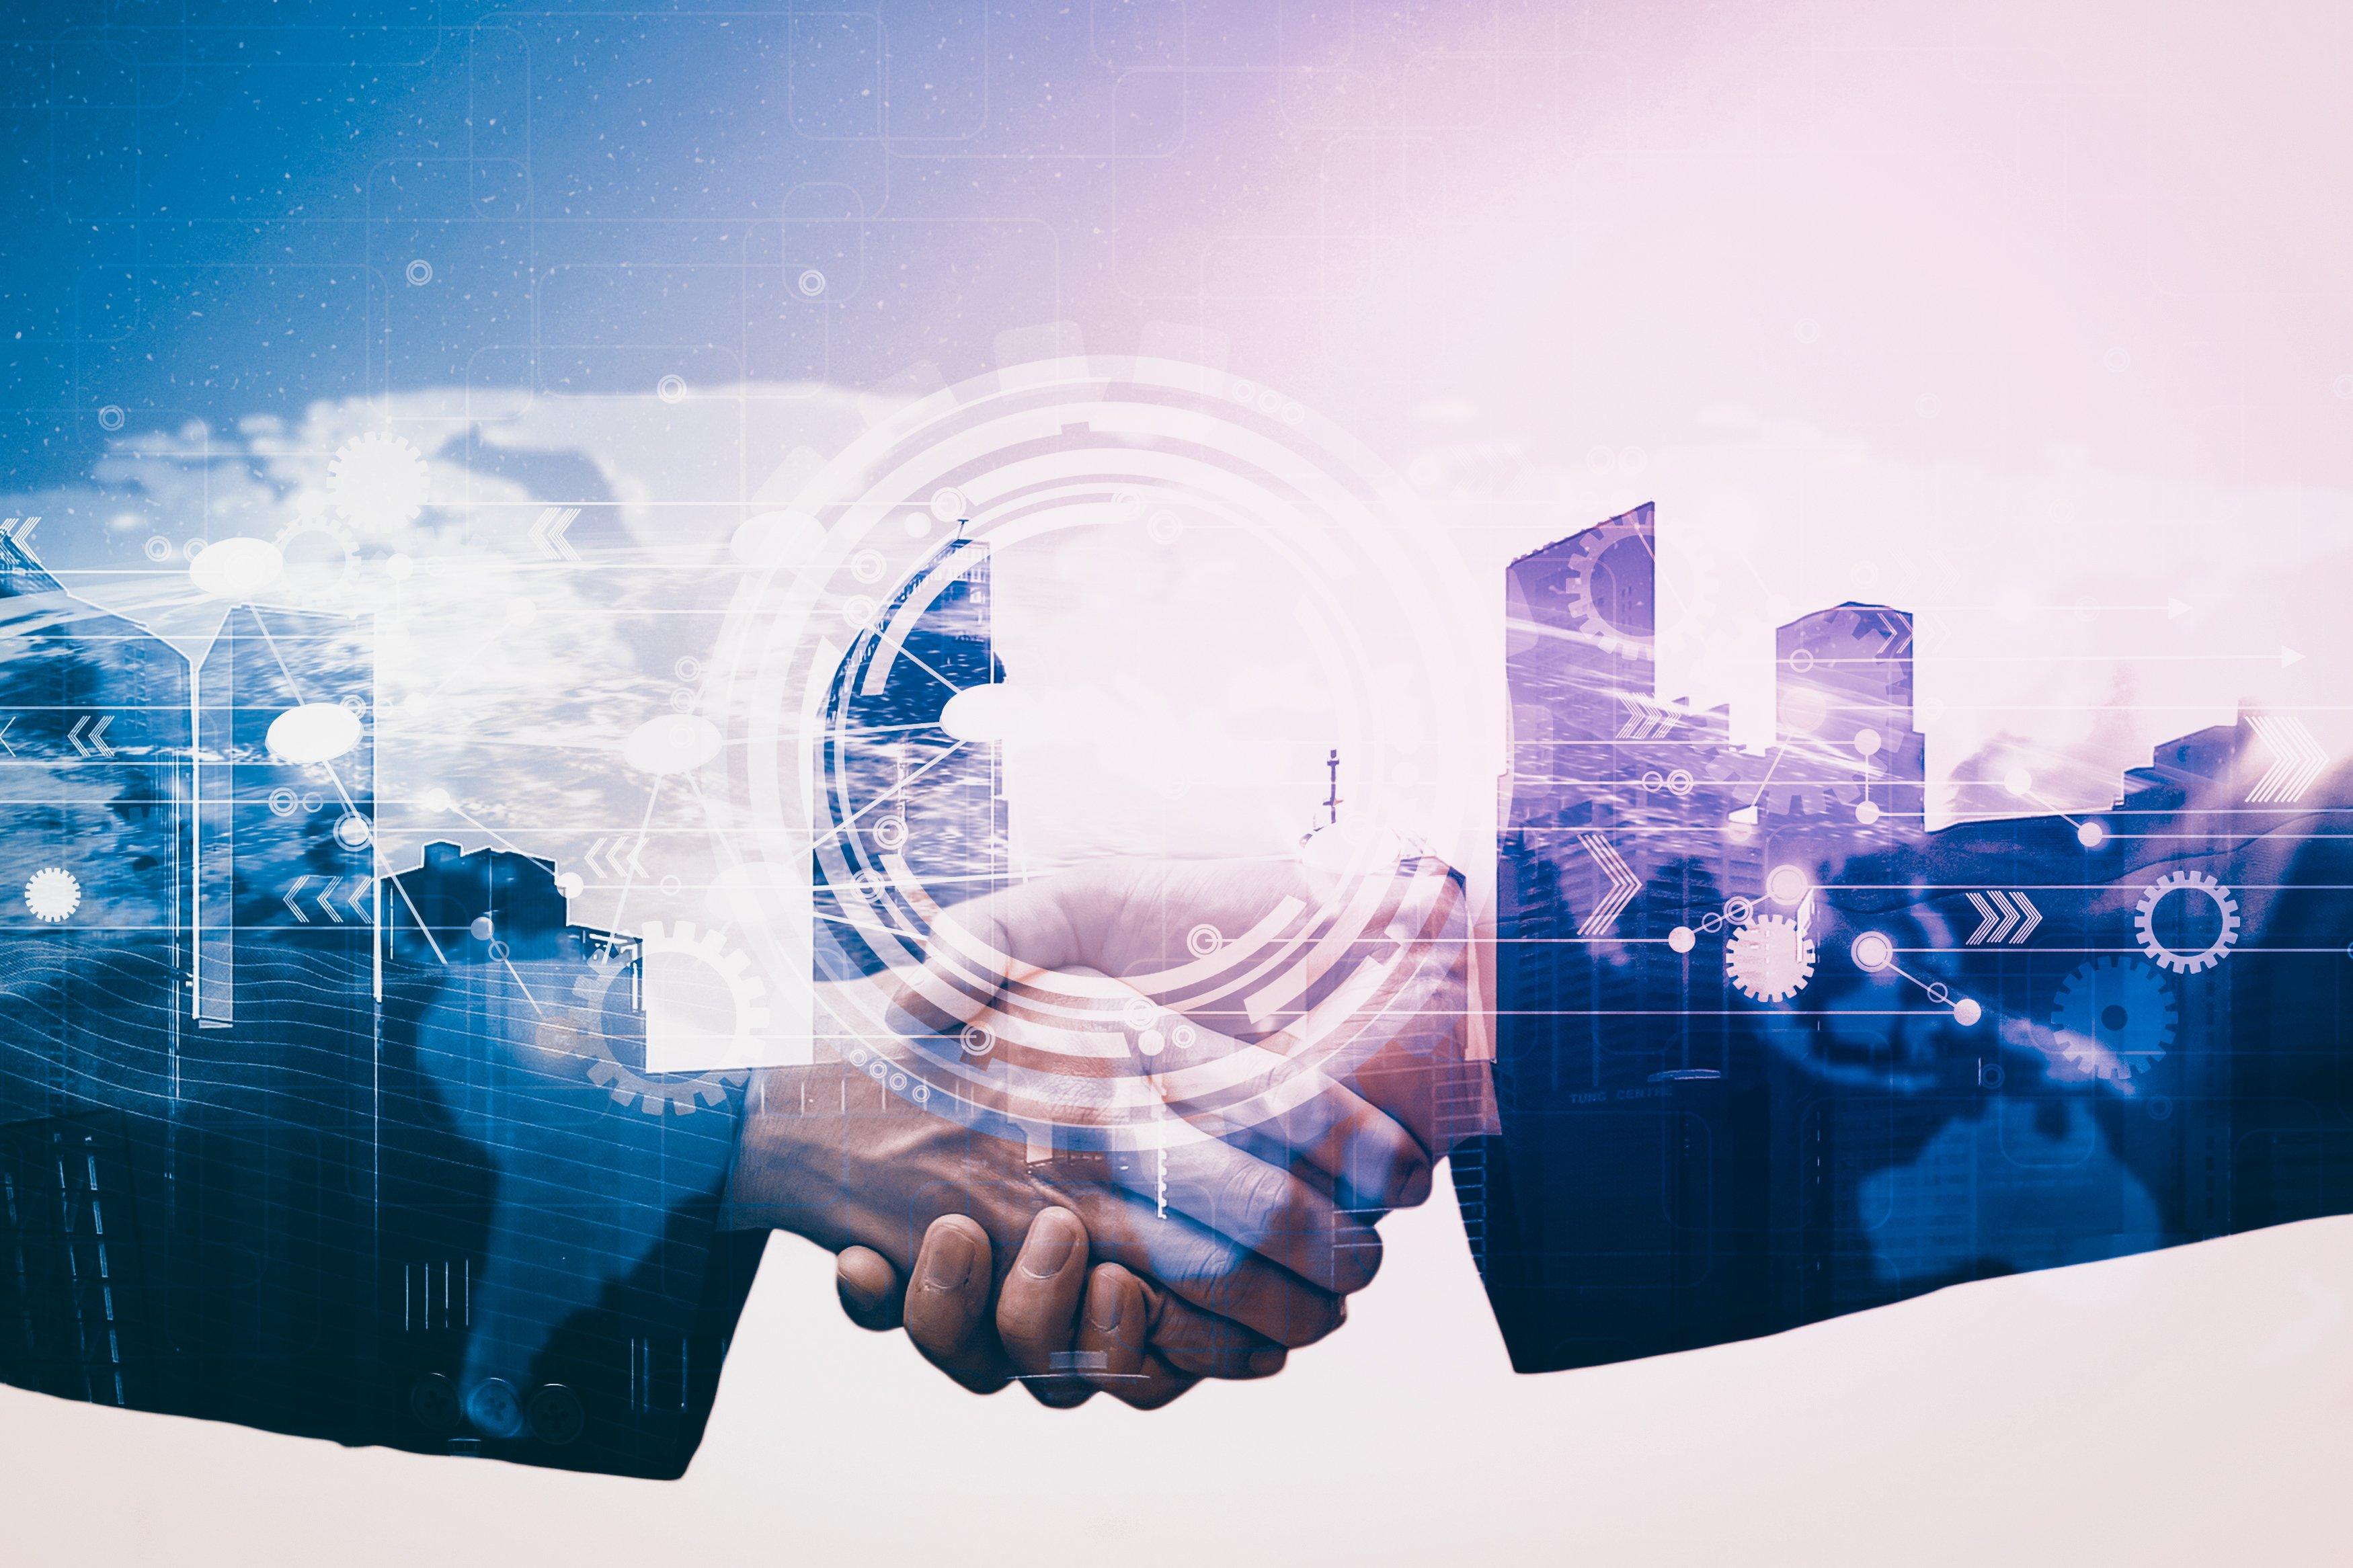 Double exposure of businessman handshake